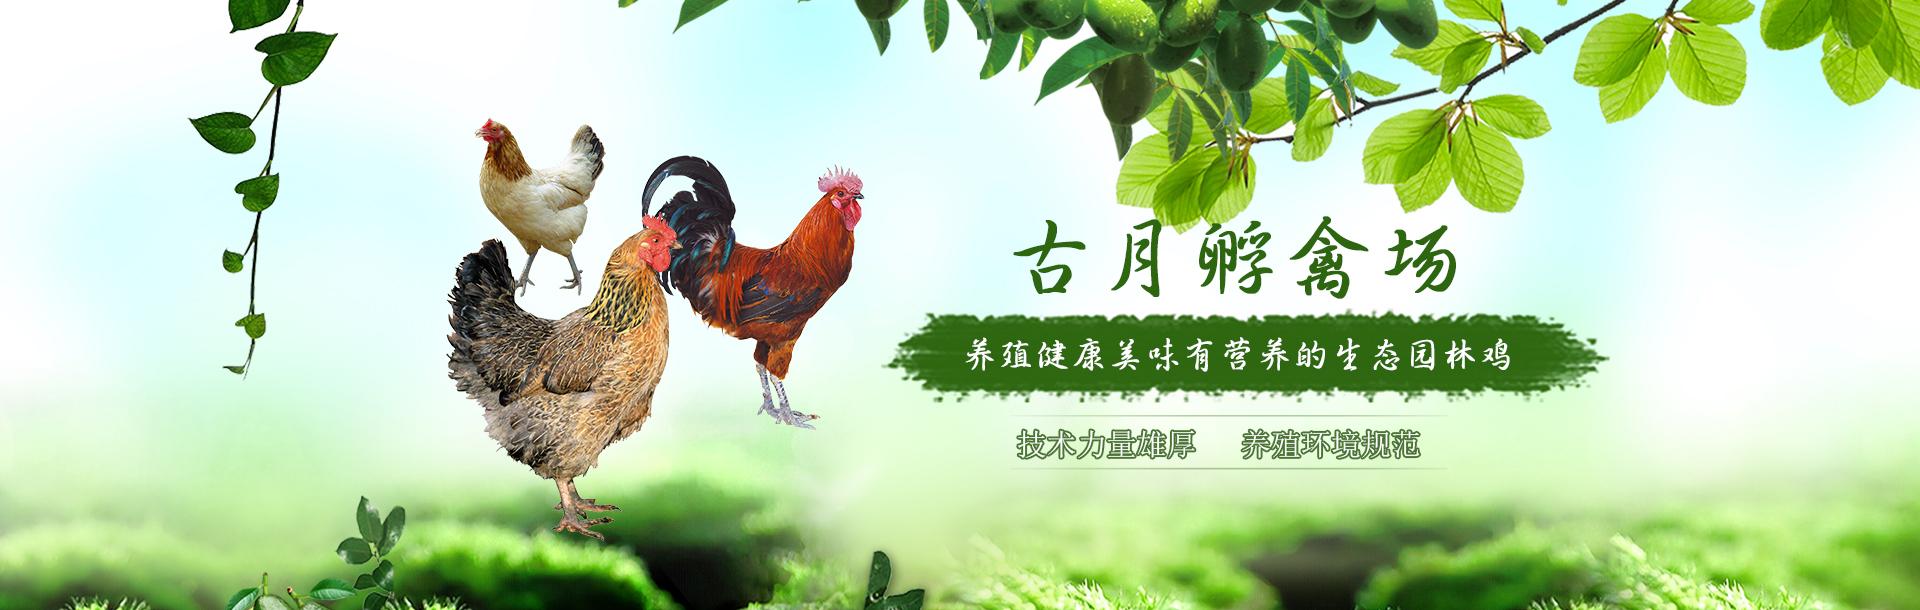 花凤鸡鸡蛋